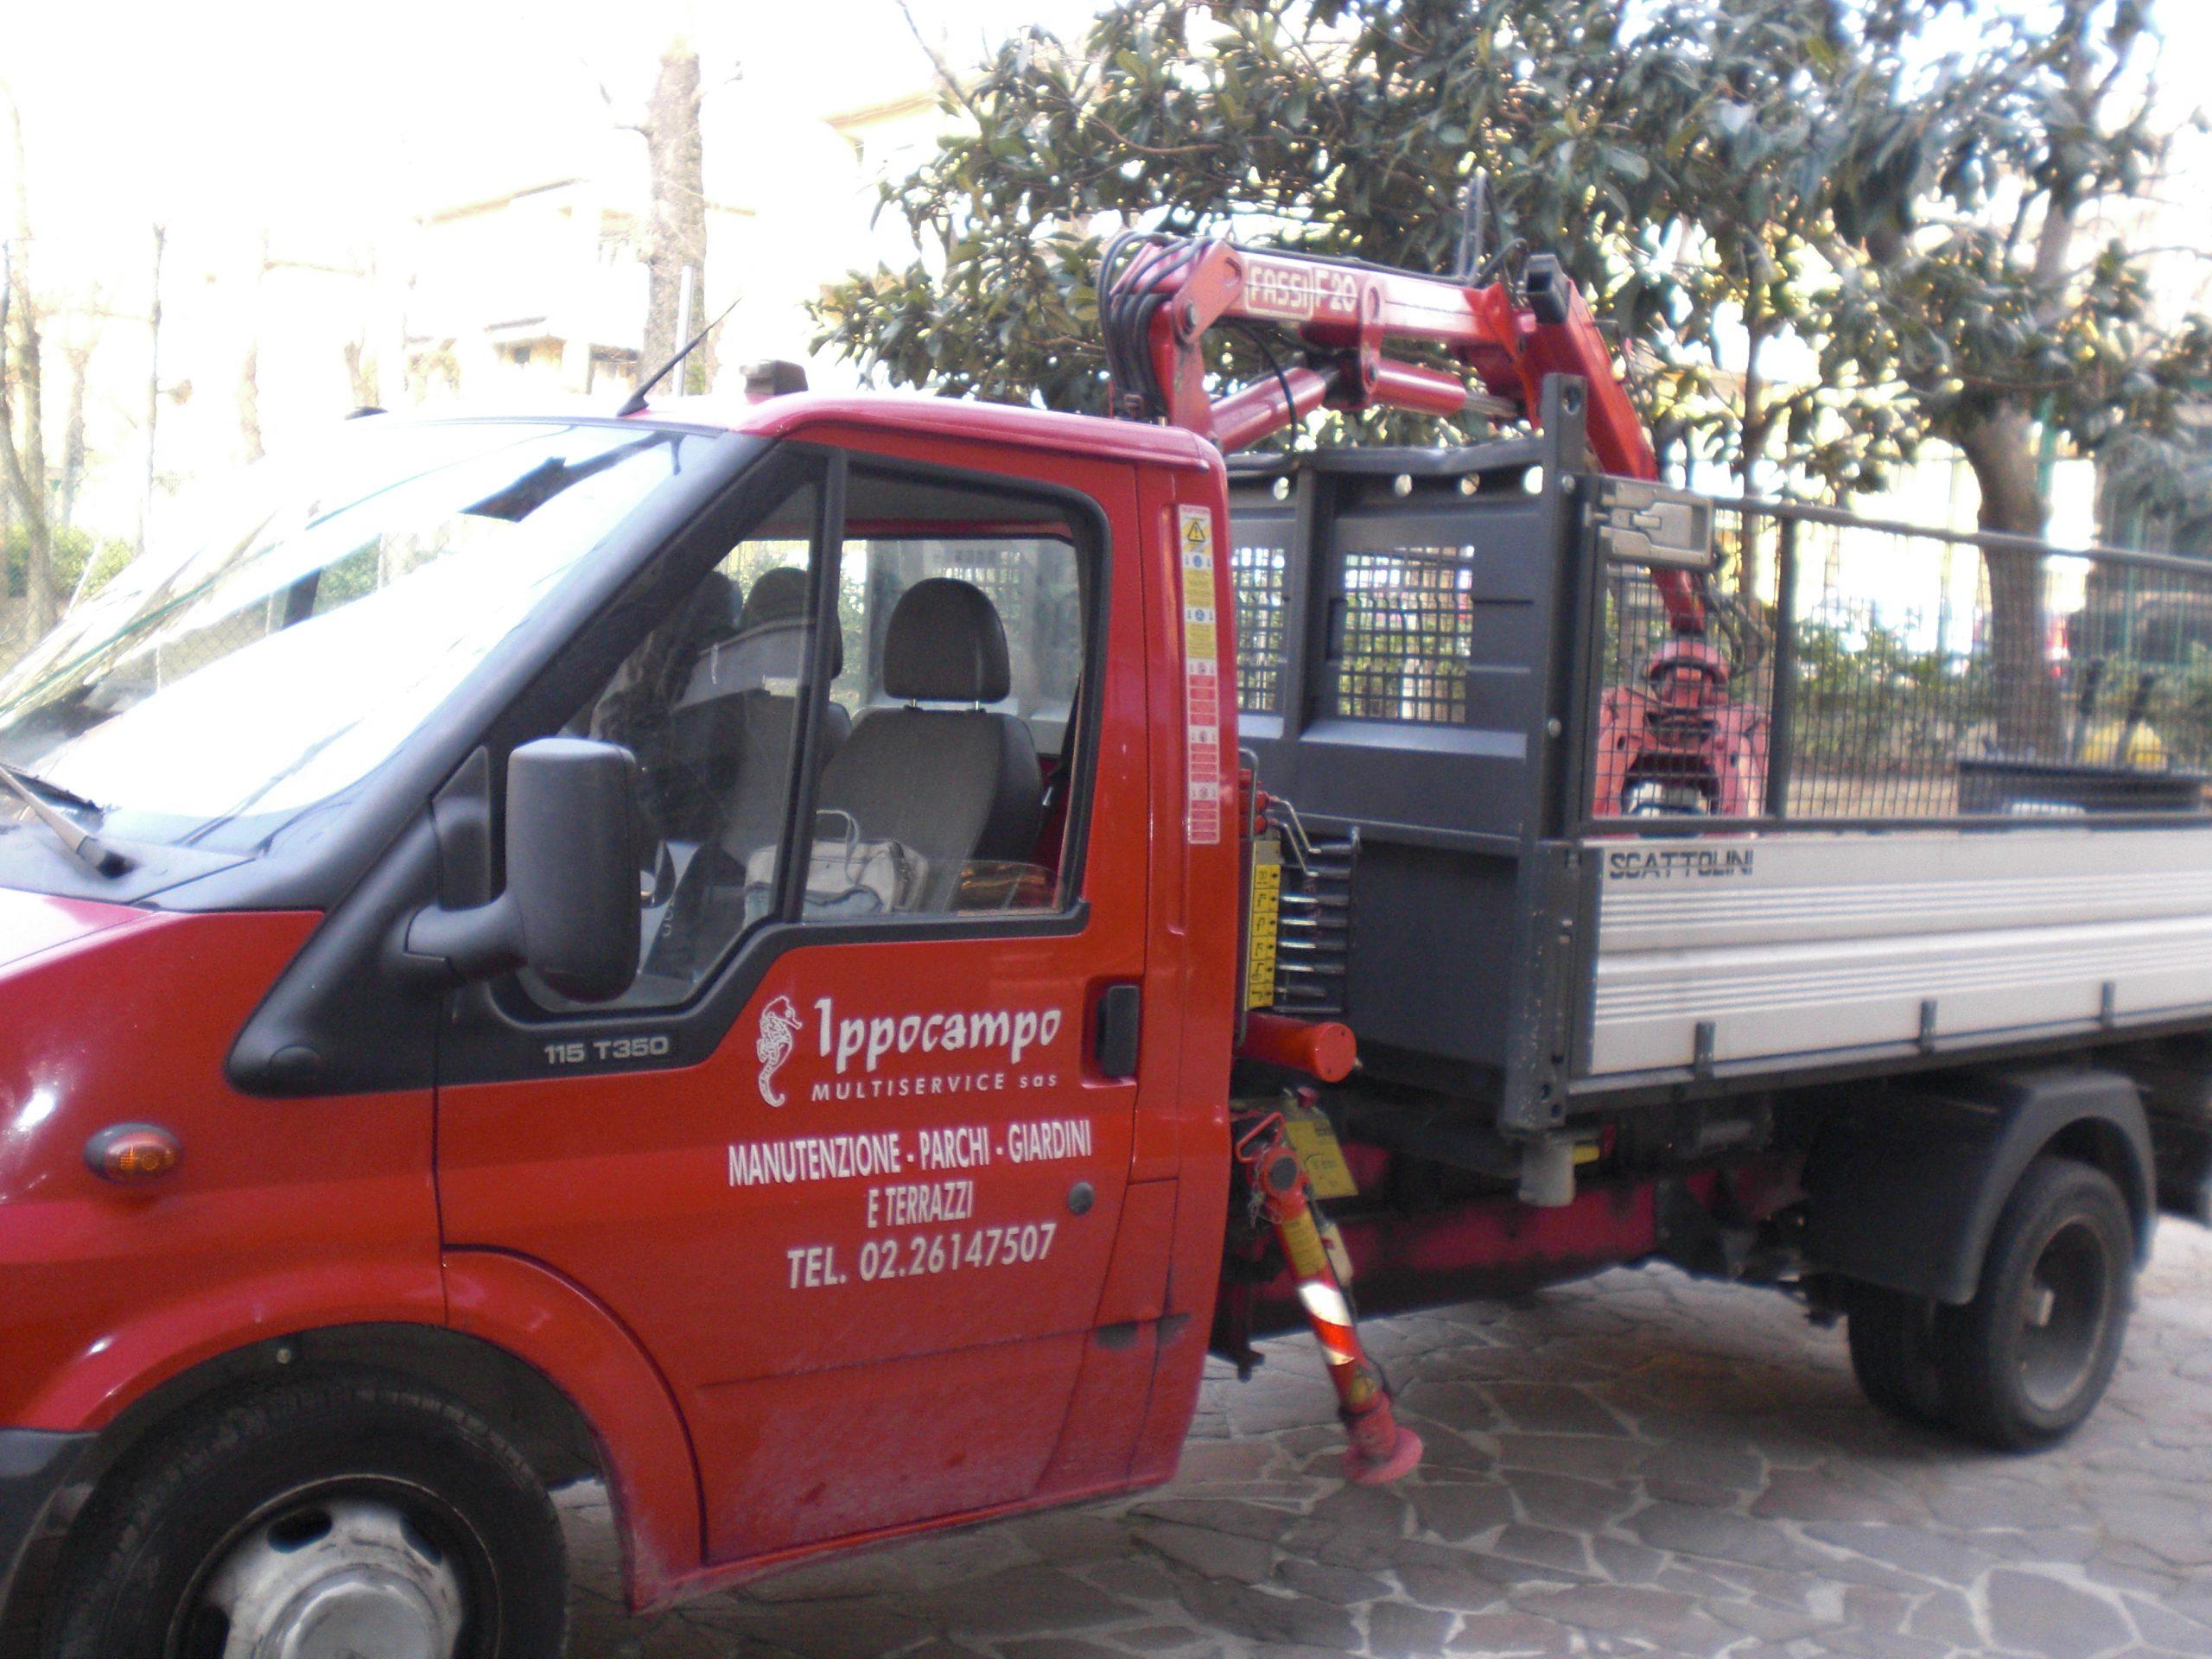 Ippocampo Multiservice: Servizio di Pulizie Industriali, Professionisti della Sanificazione Ambientale, Disinfestazione, Deratizzazione, e Impresa di Giardinaggio